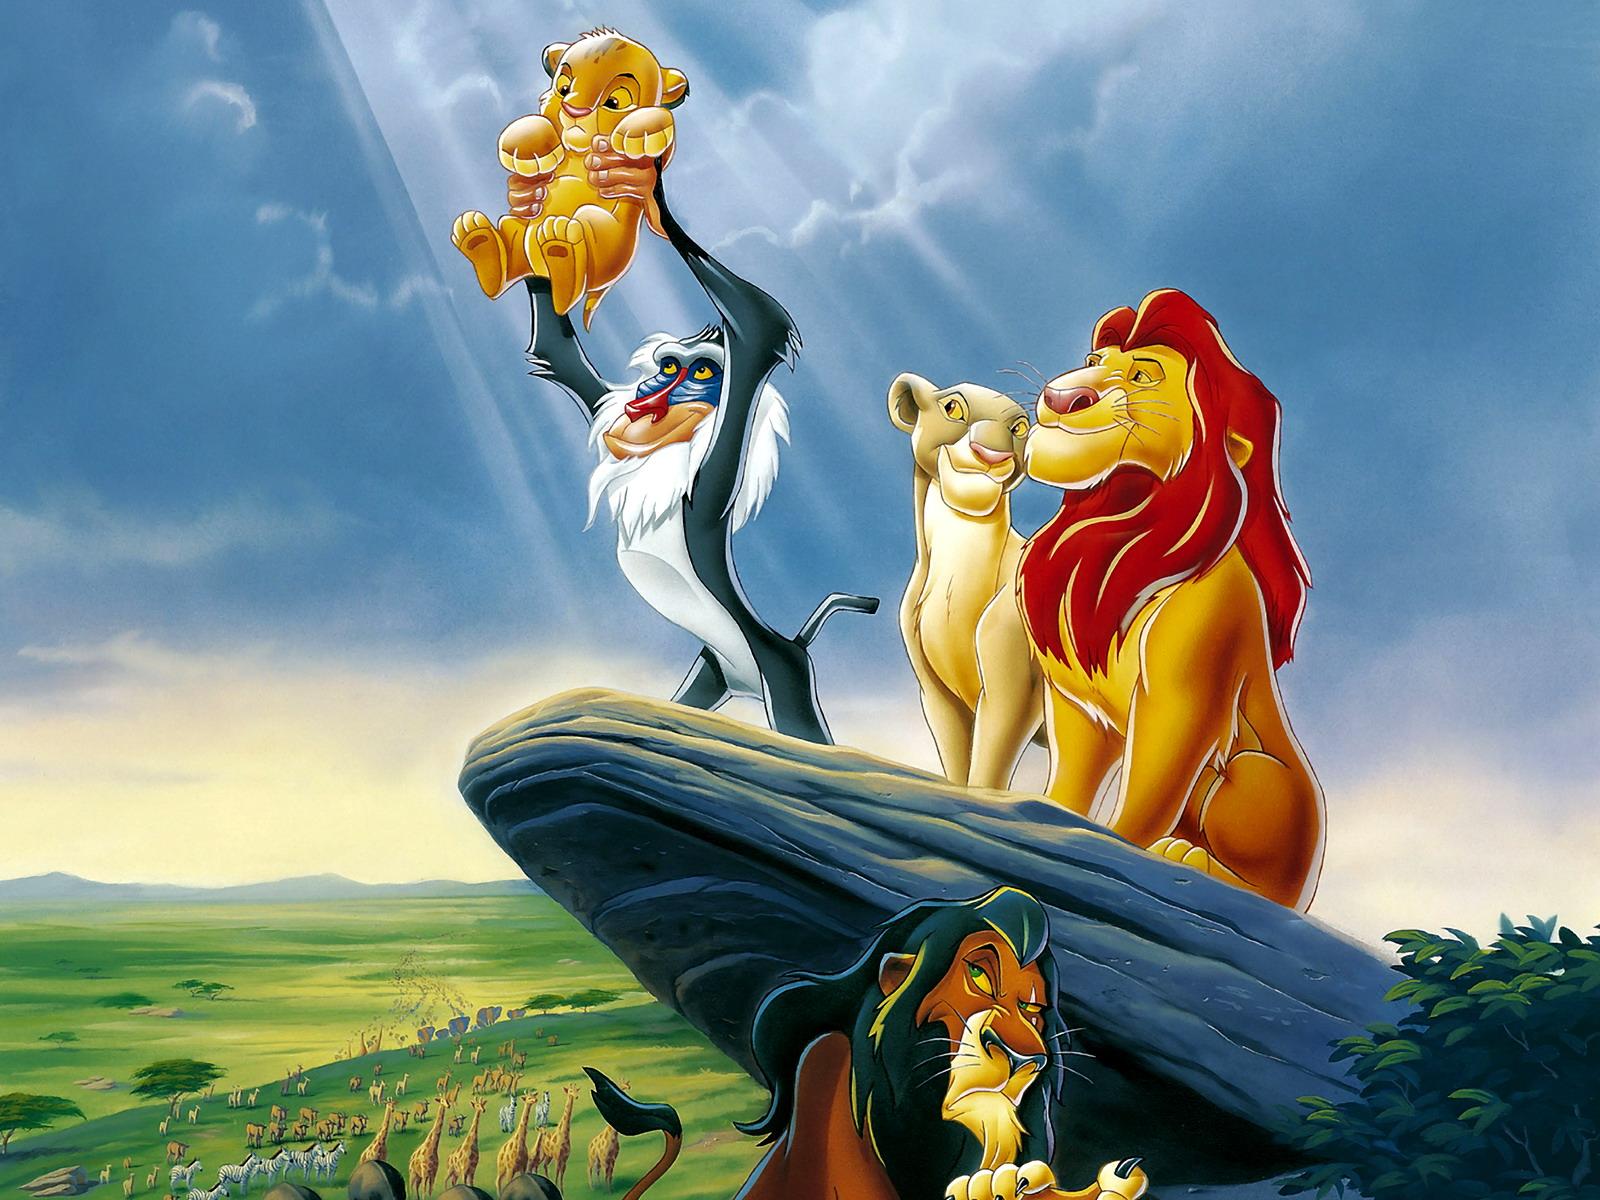 Ко�ол� лев lion king 1994 М�л���ил�м� Фо��м Тво��е��ва